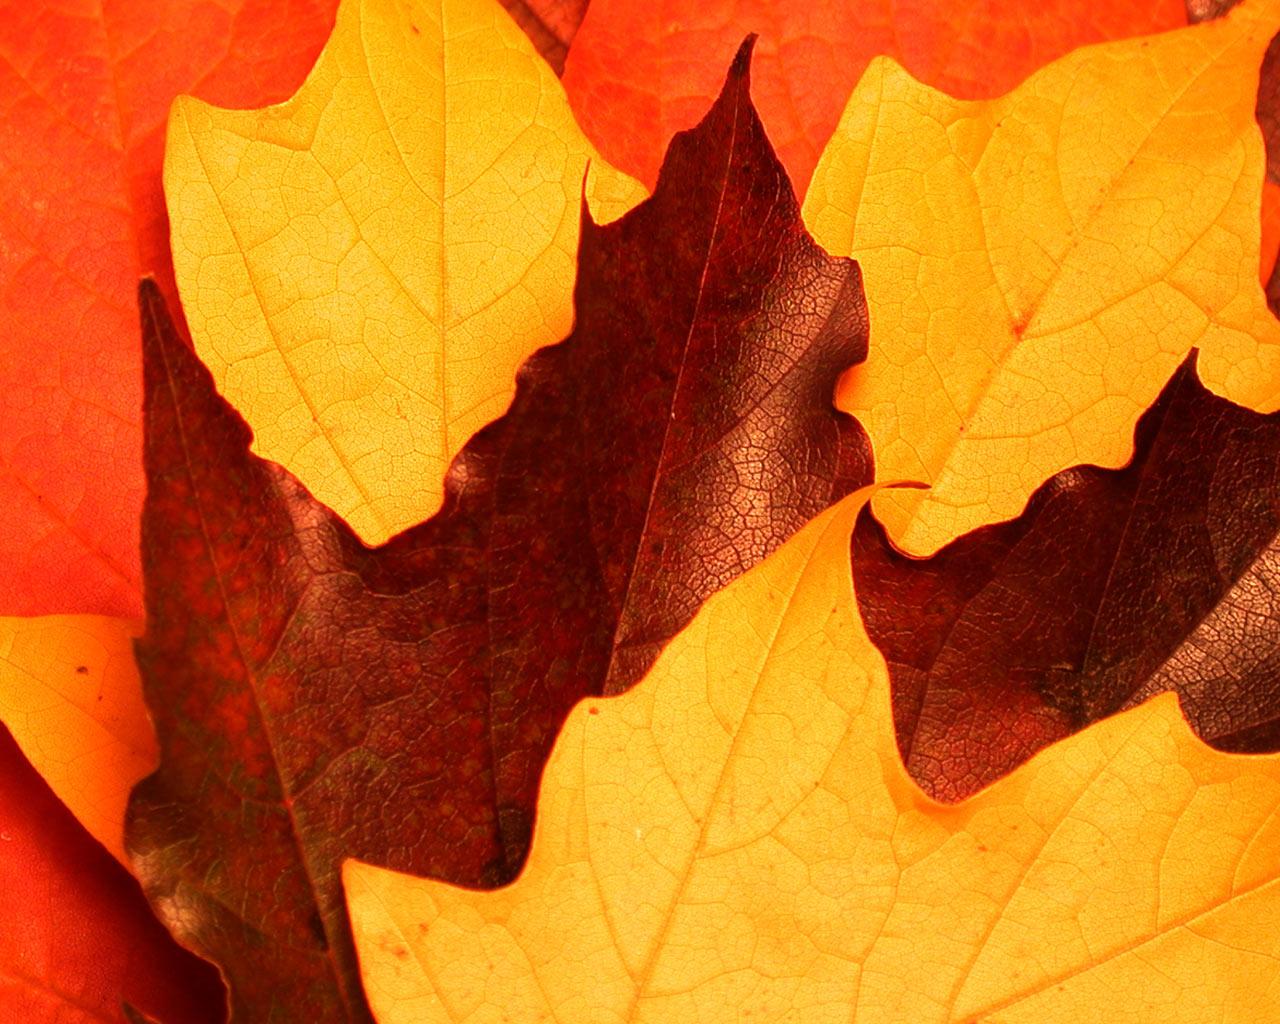 autumn wallpaper, скачать обои для рабочего стола, осень, листья